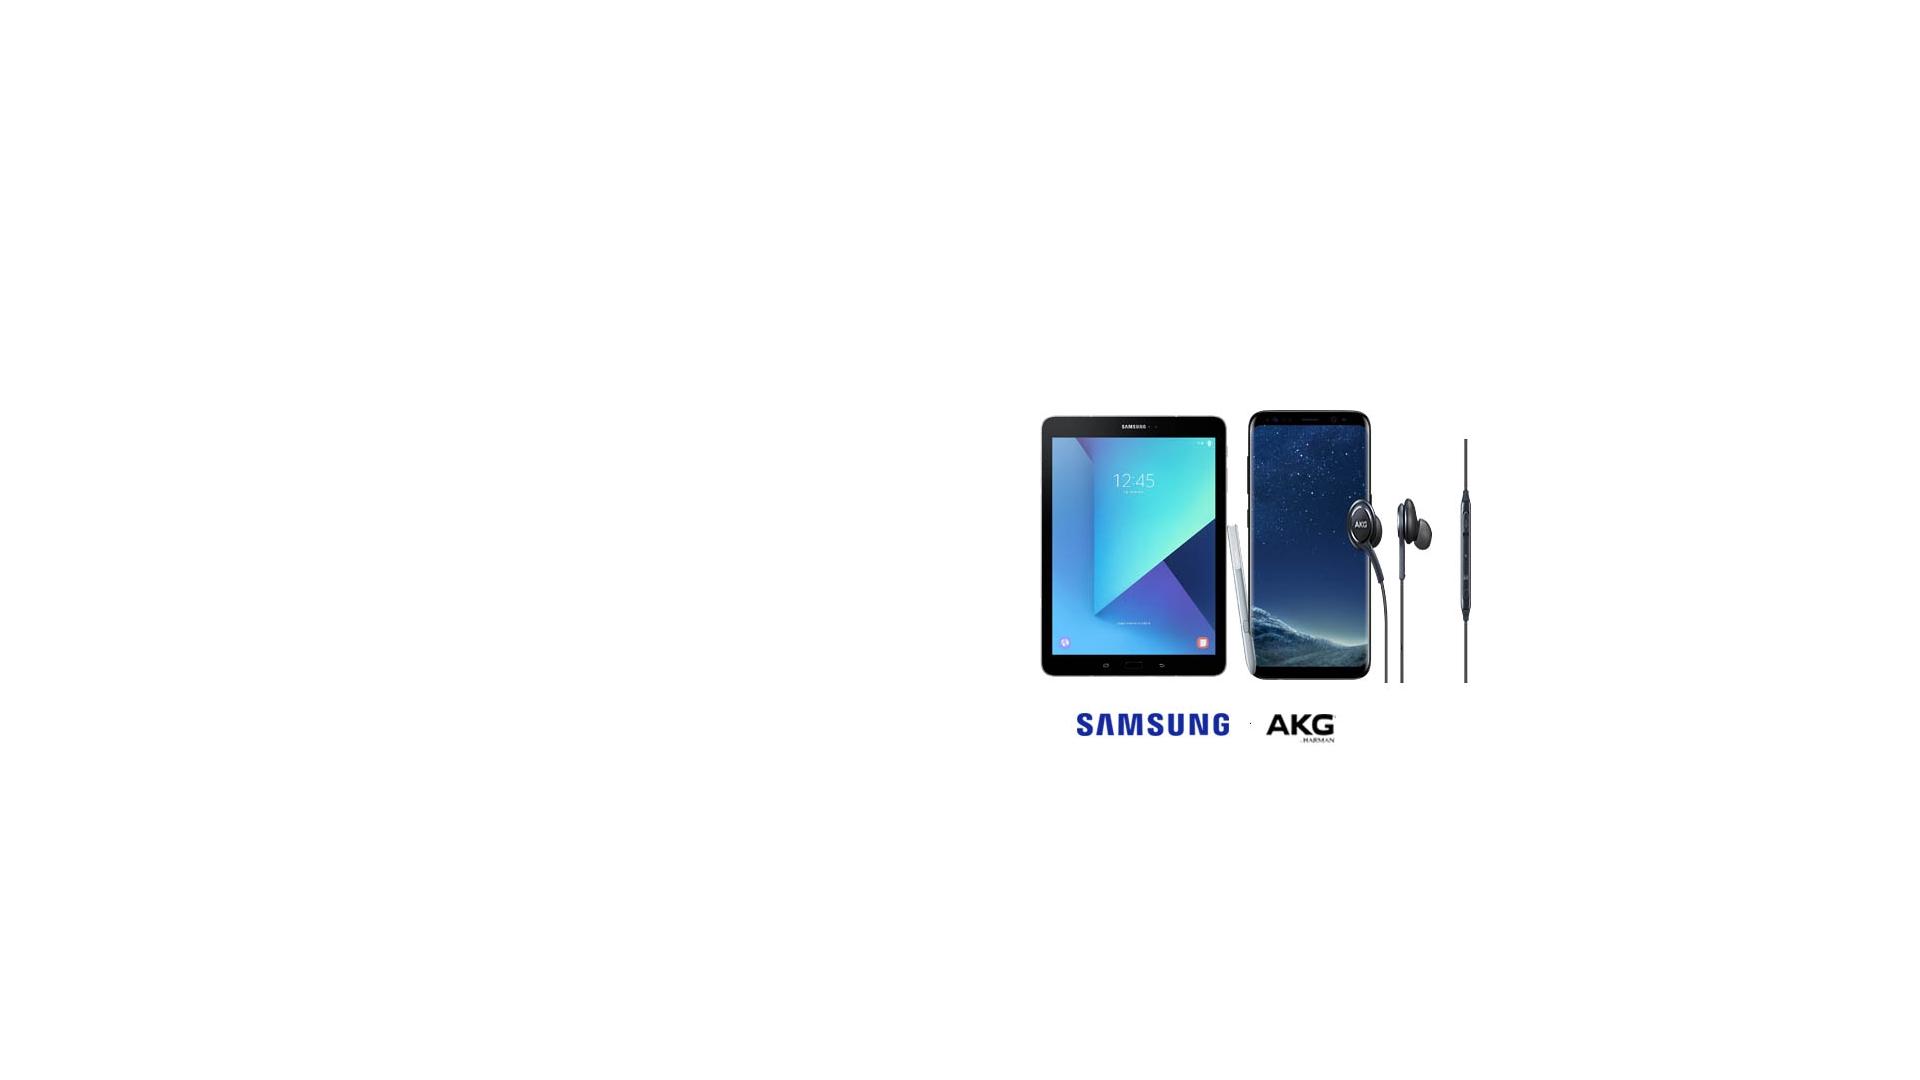 new Samsung AKG unpack banner v3 kc